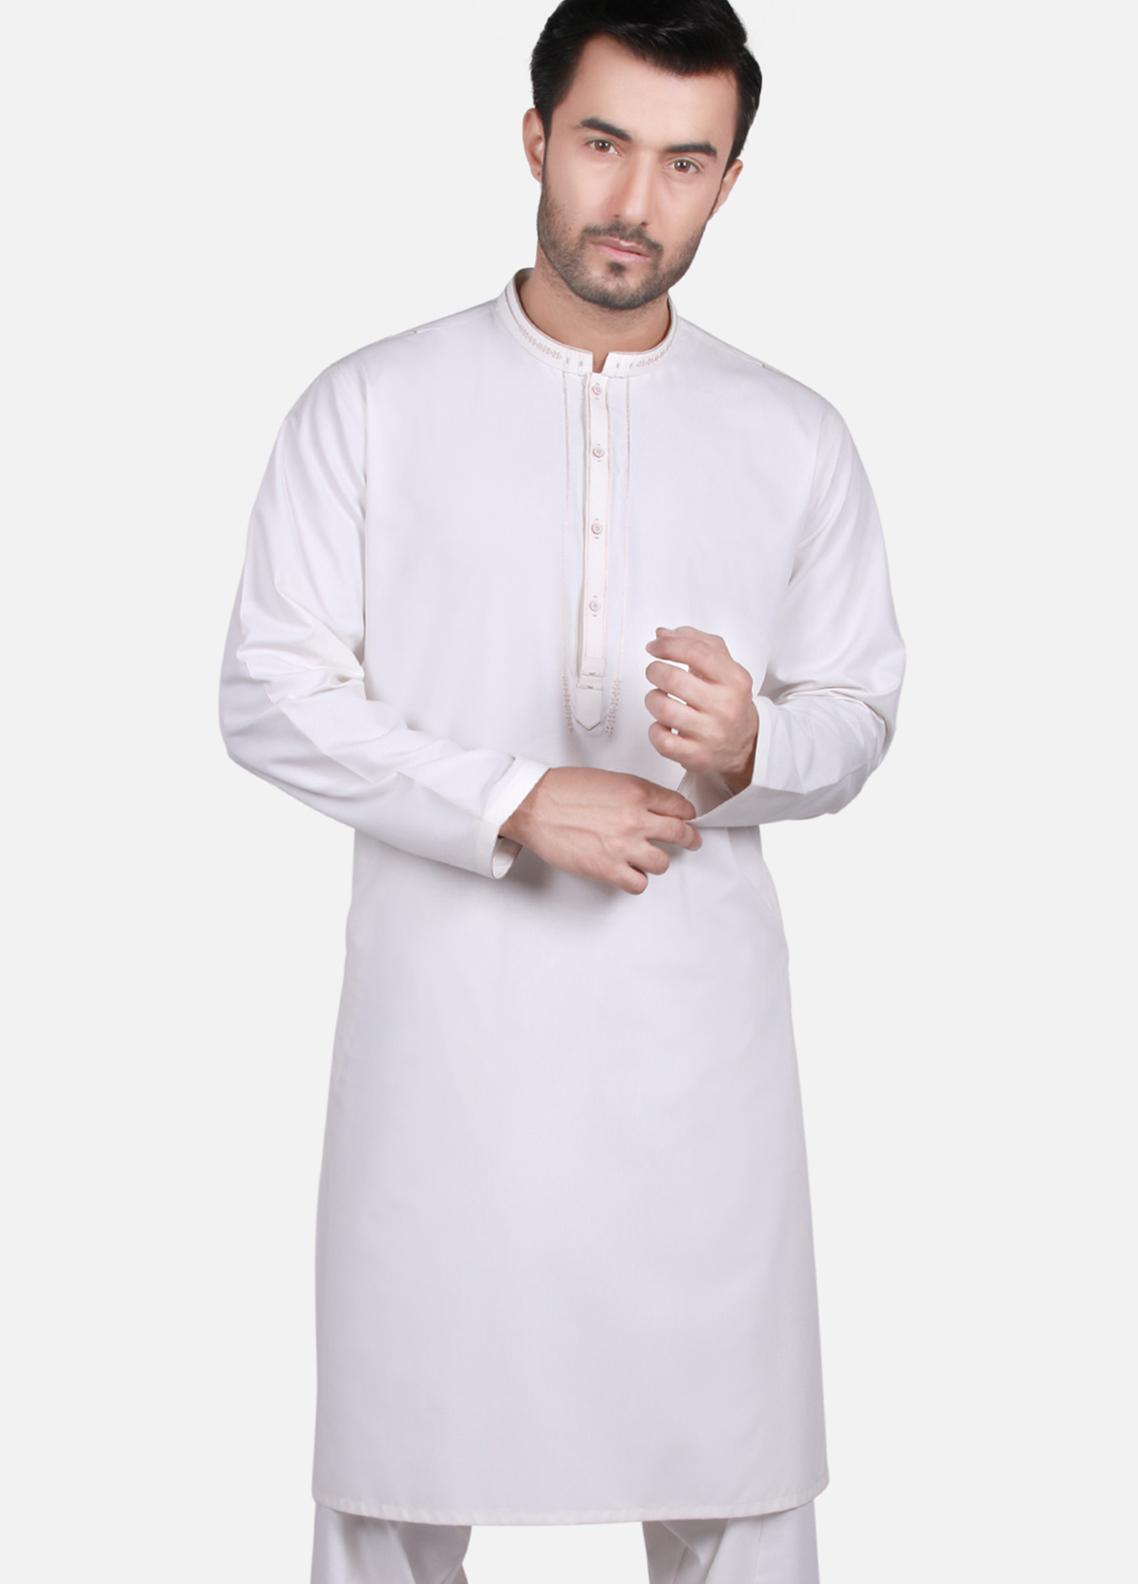 Edenrobe Wash N Wear Formal Kameez Shalwar for Men - Off White EMTKS19S-40697